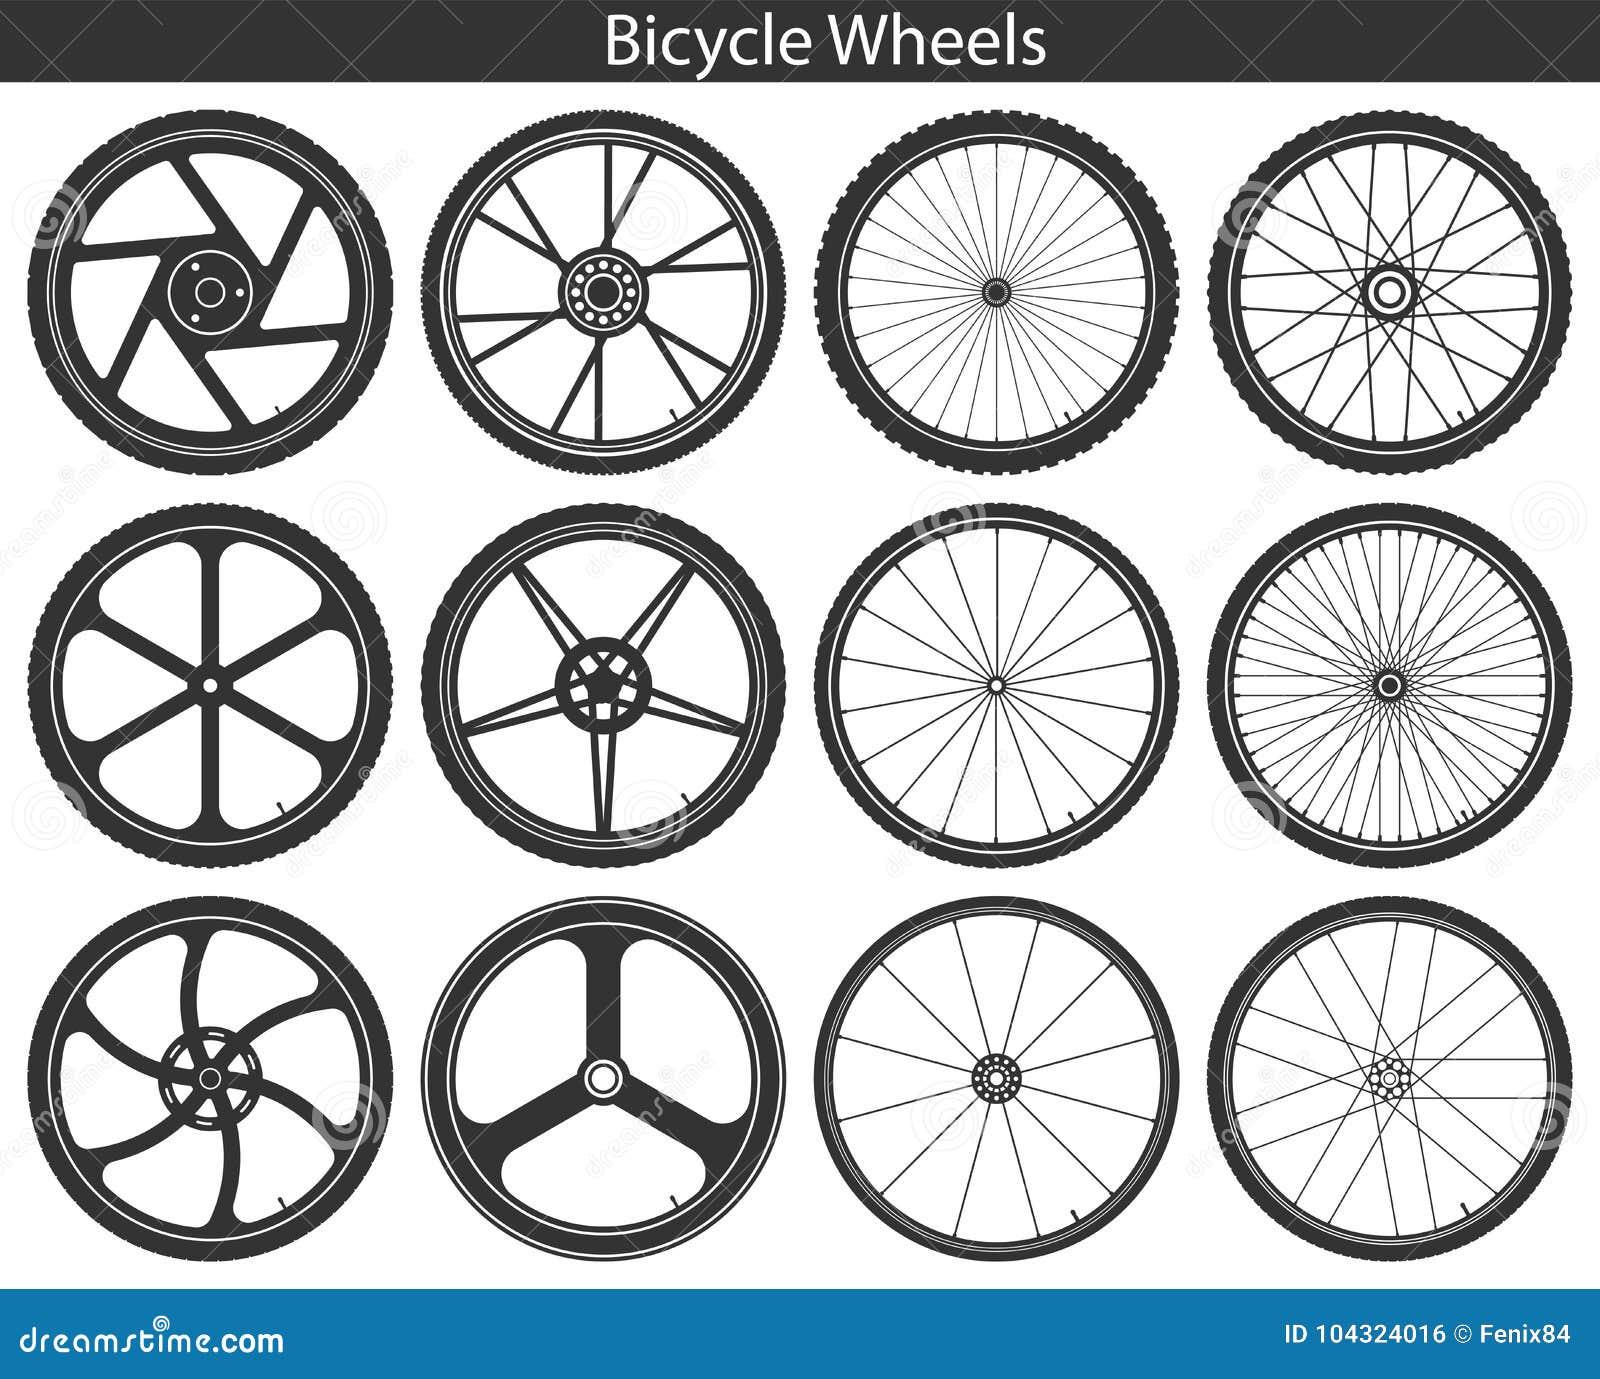 Fahrradfelgen mit verschiedenen Reifen: Berg, Sport, bereisend,